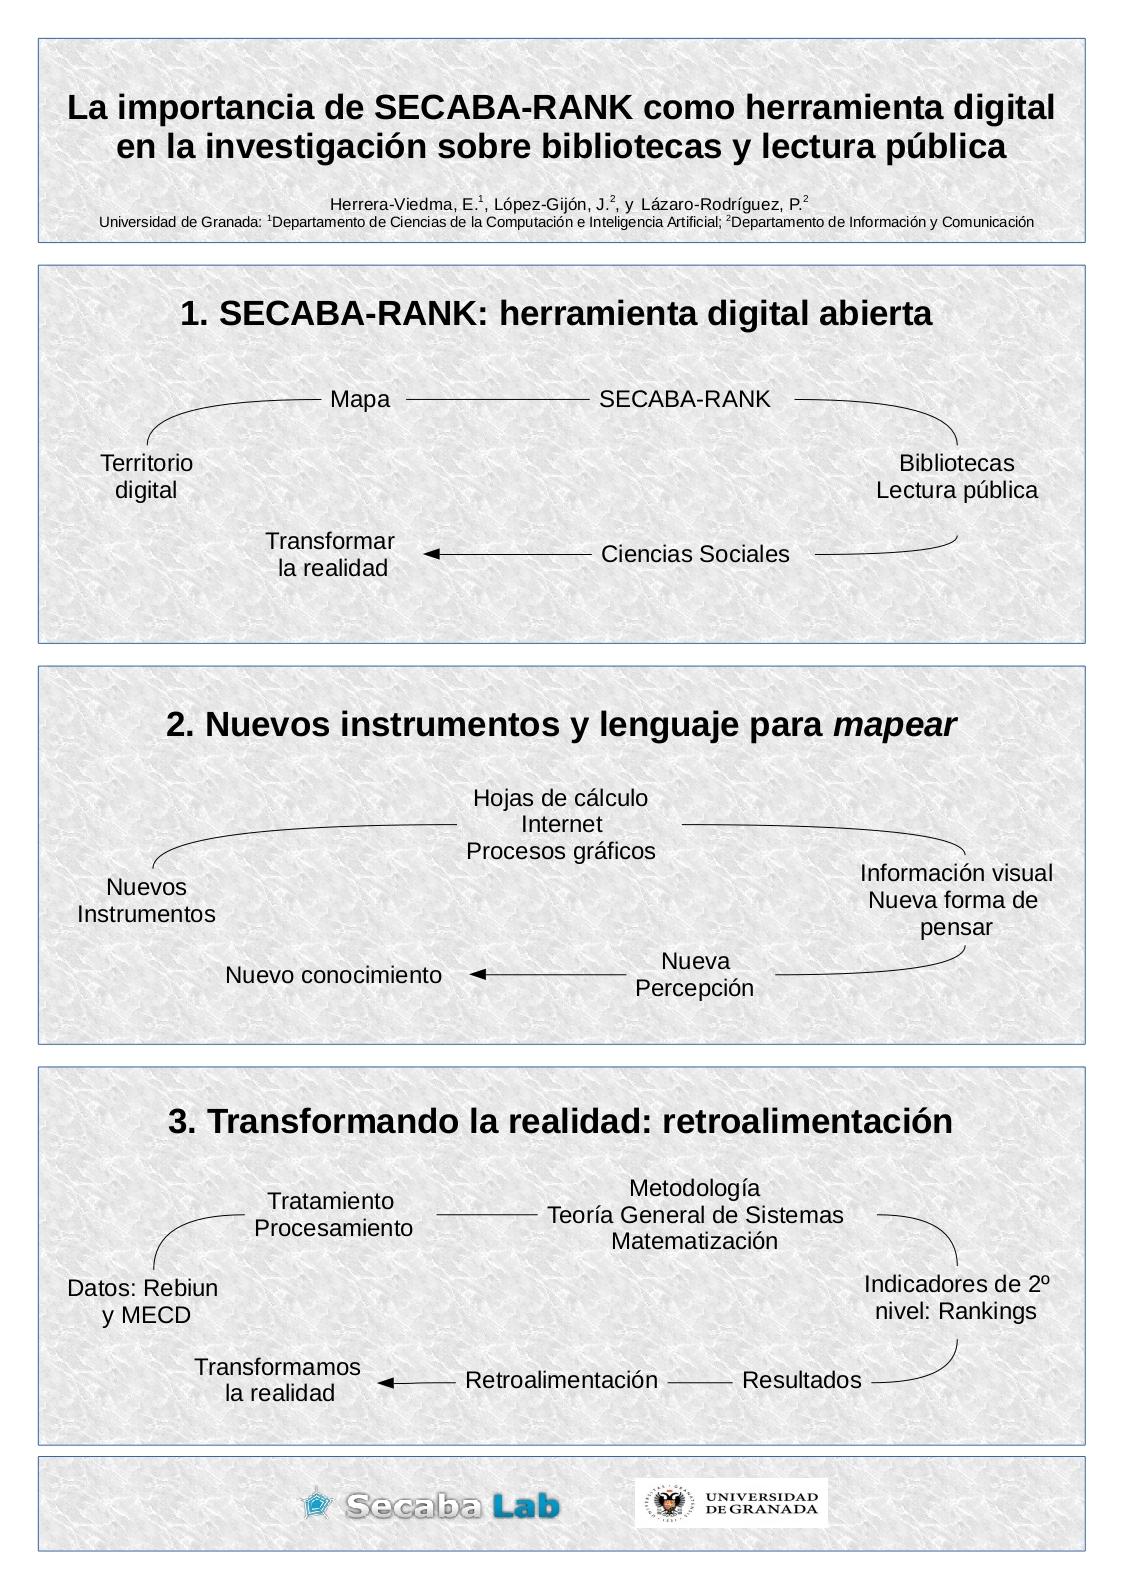 La importancia de Secaba-Rank como herramienta digital en la investigación sobre bibliotecas públicas y universitarias.